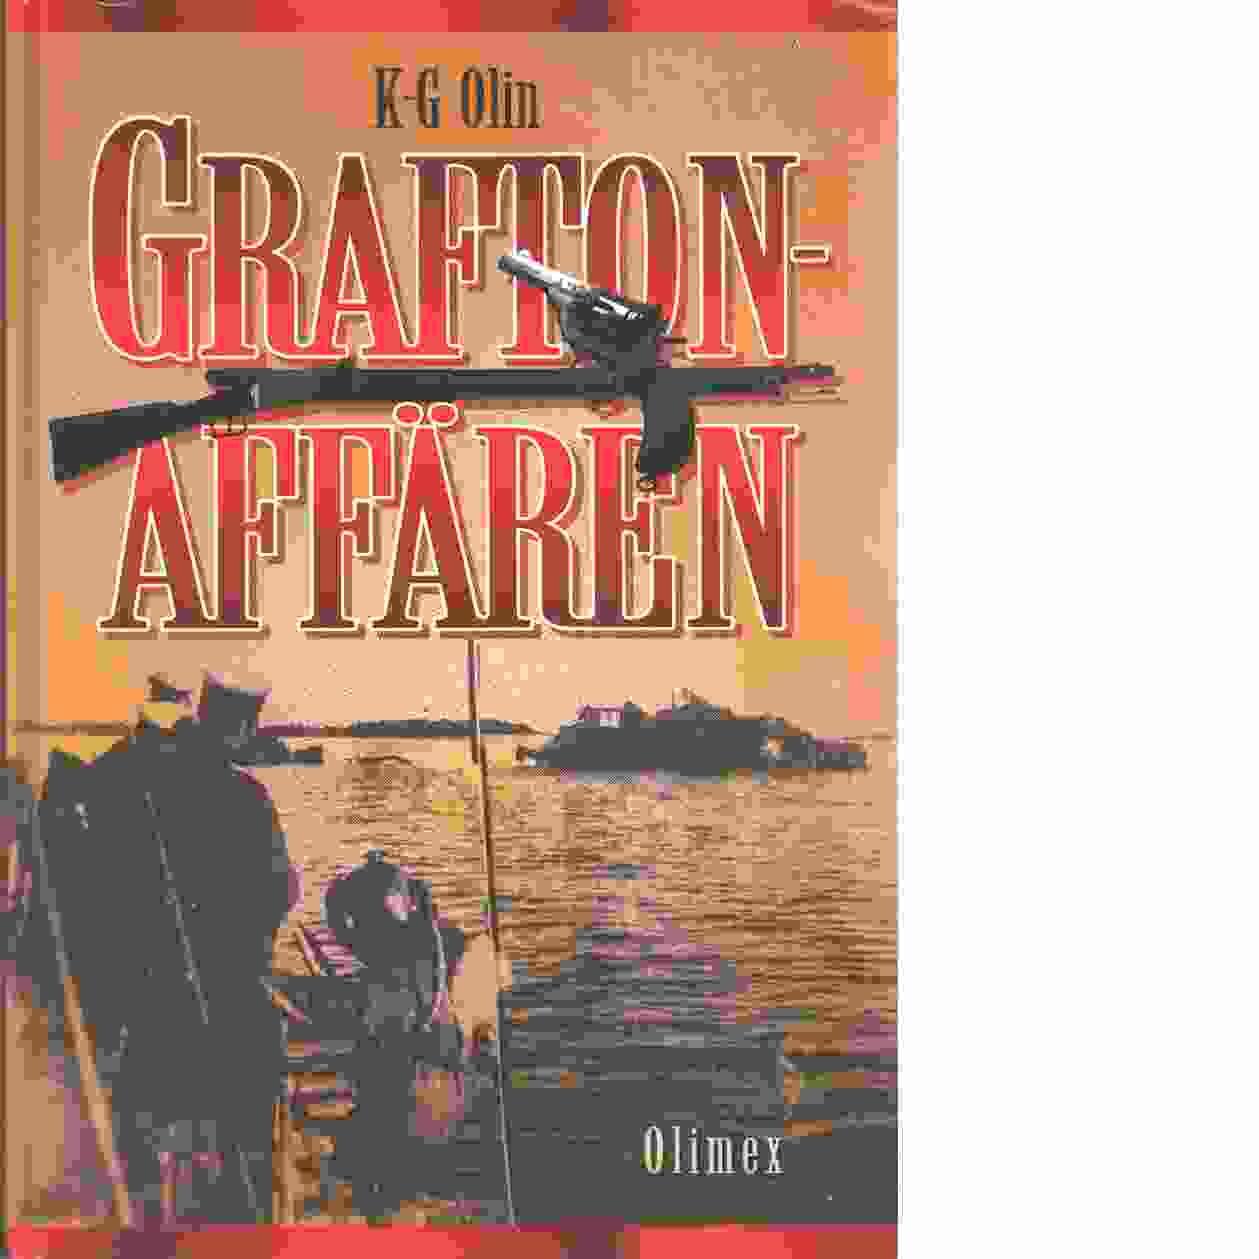 Grafton-affären - Olin, Karl-Gustav